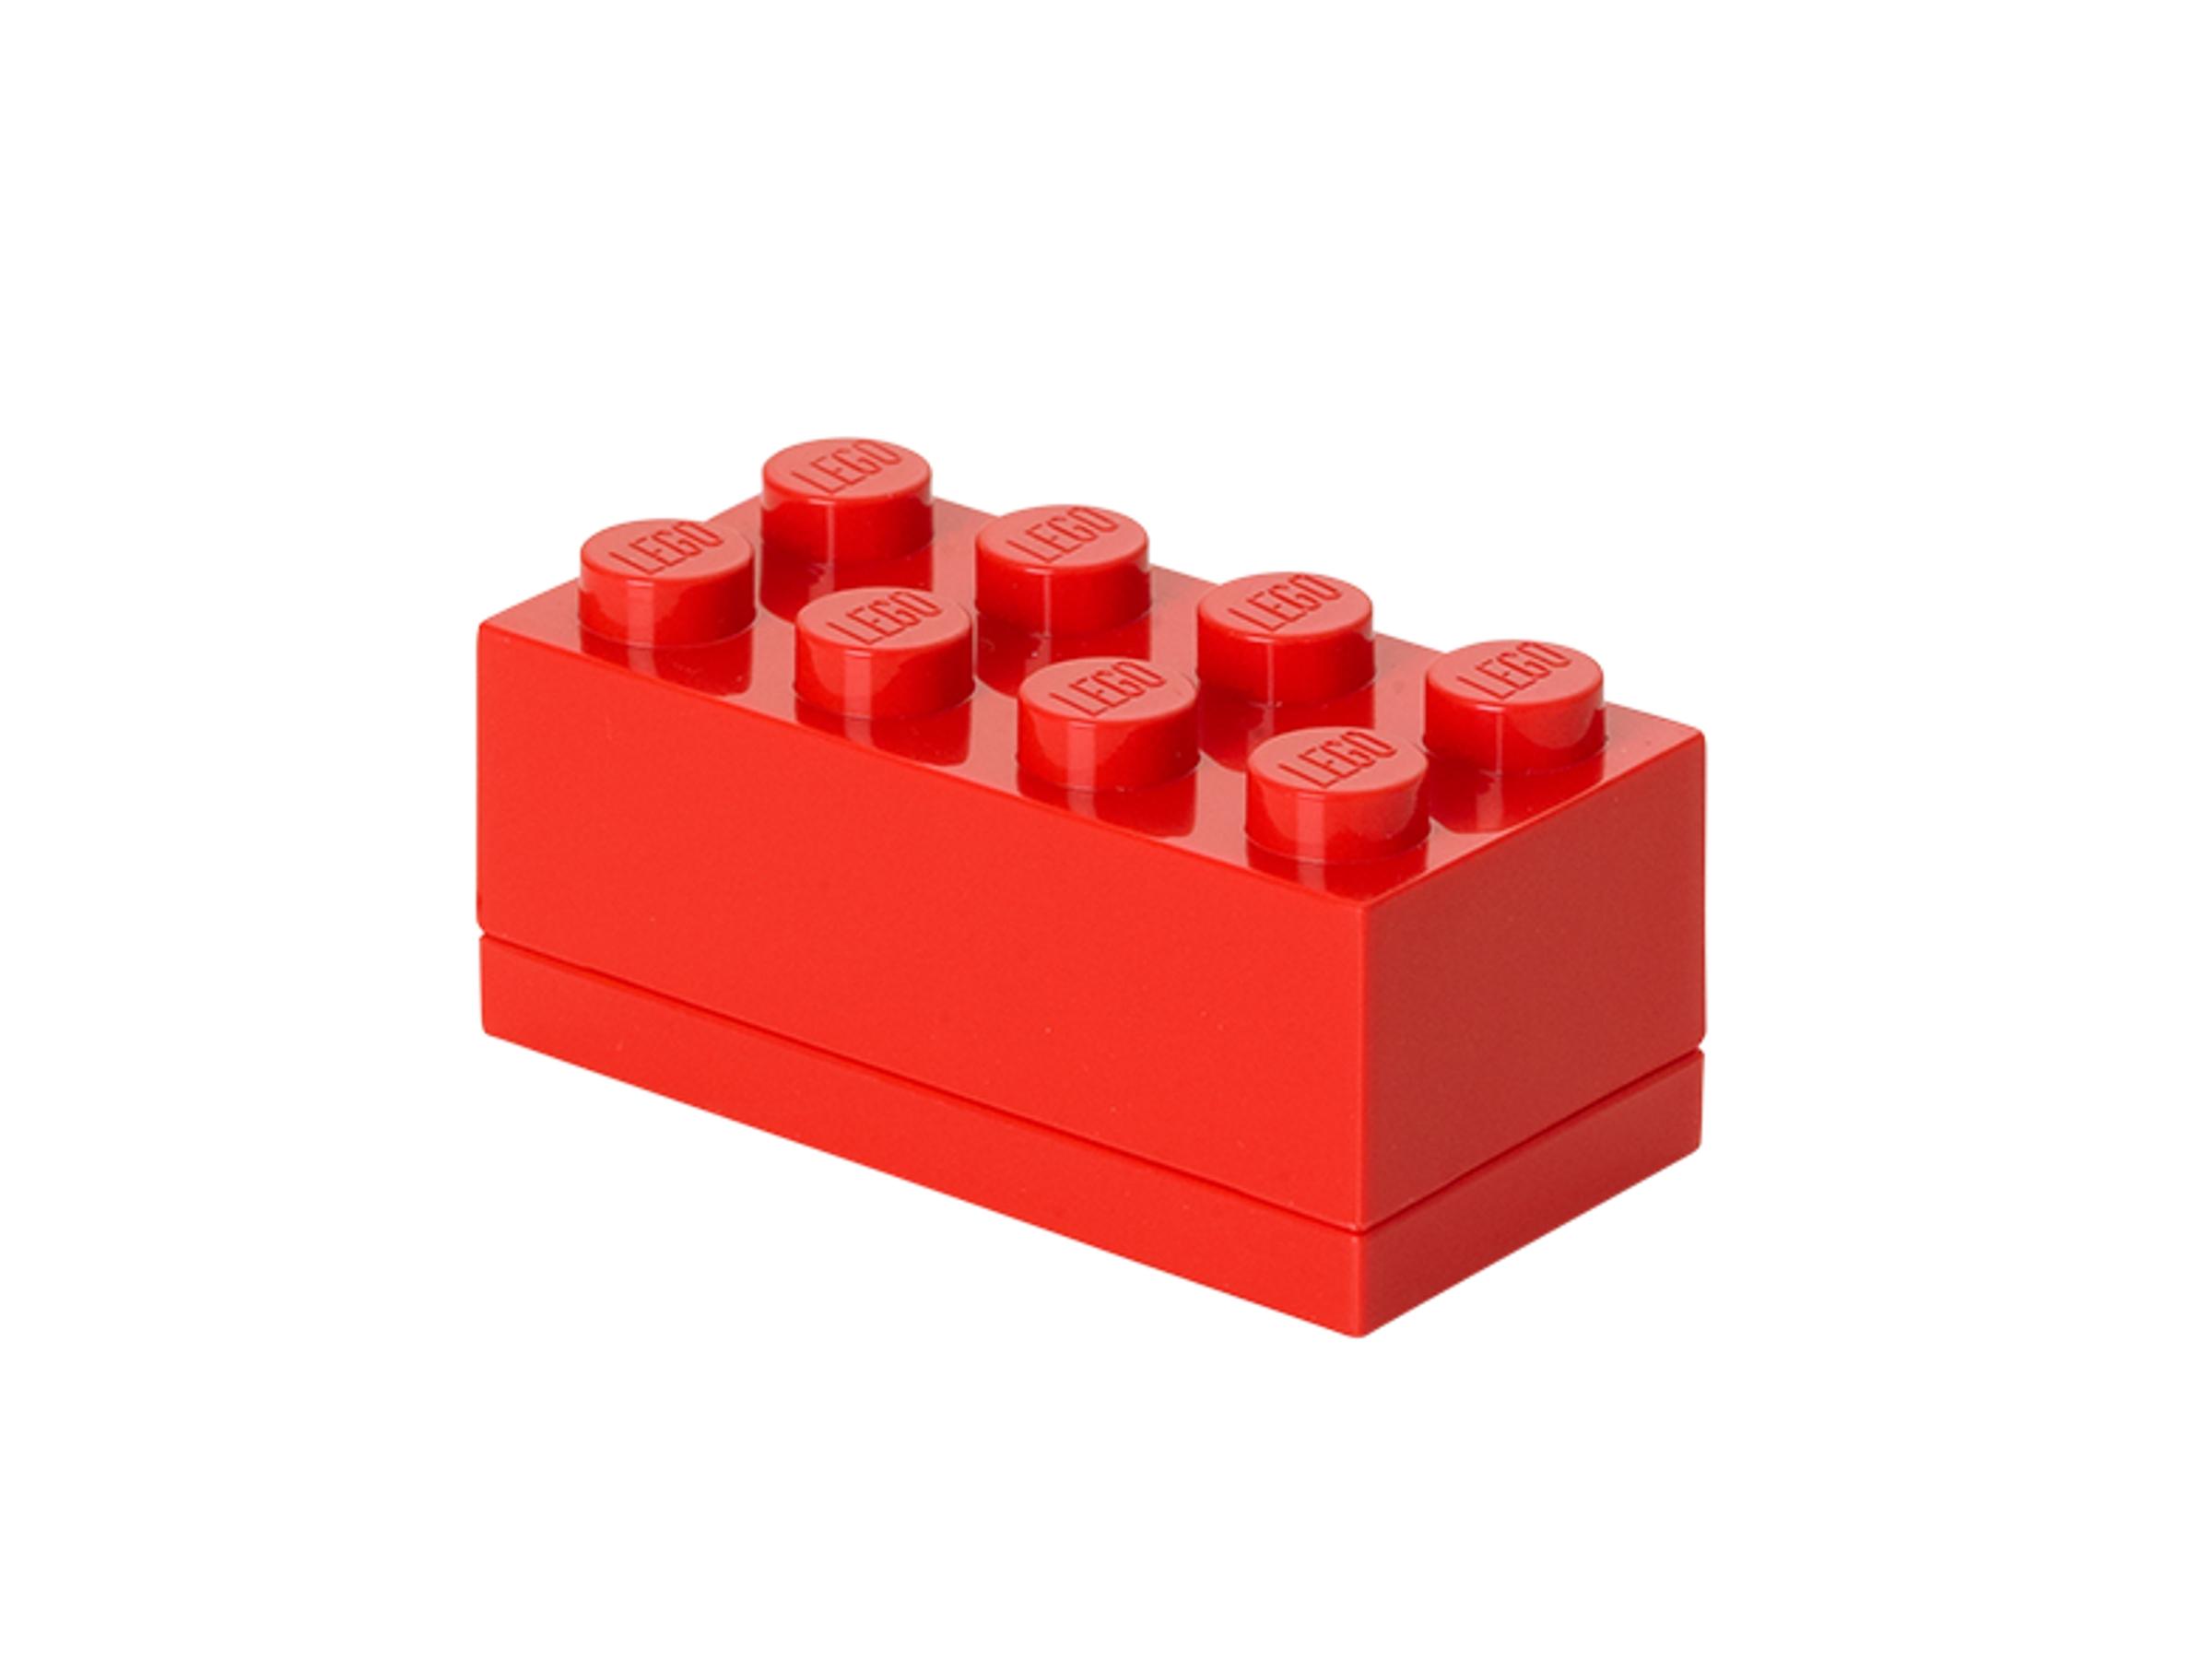 lego 5001286 8 nastainen minilaatikko